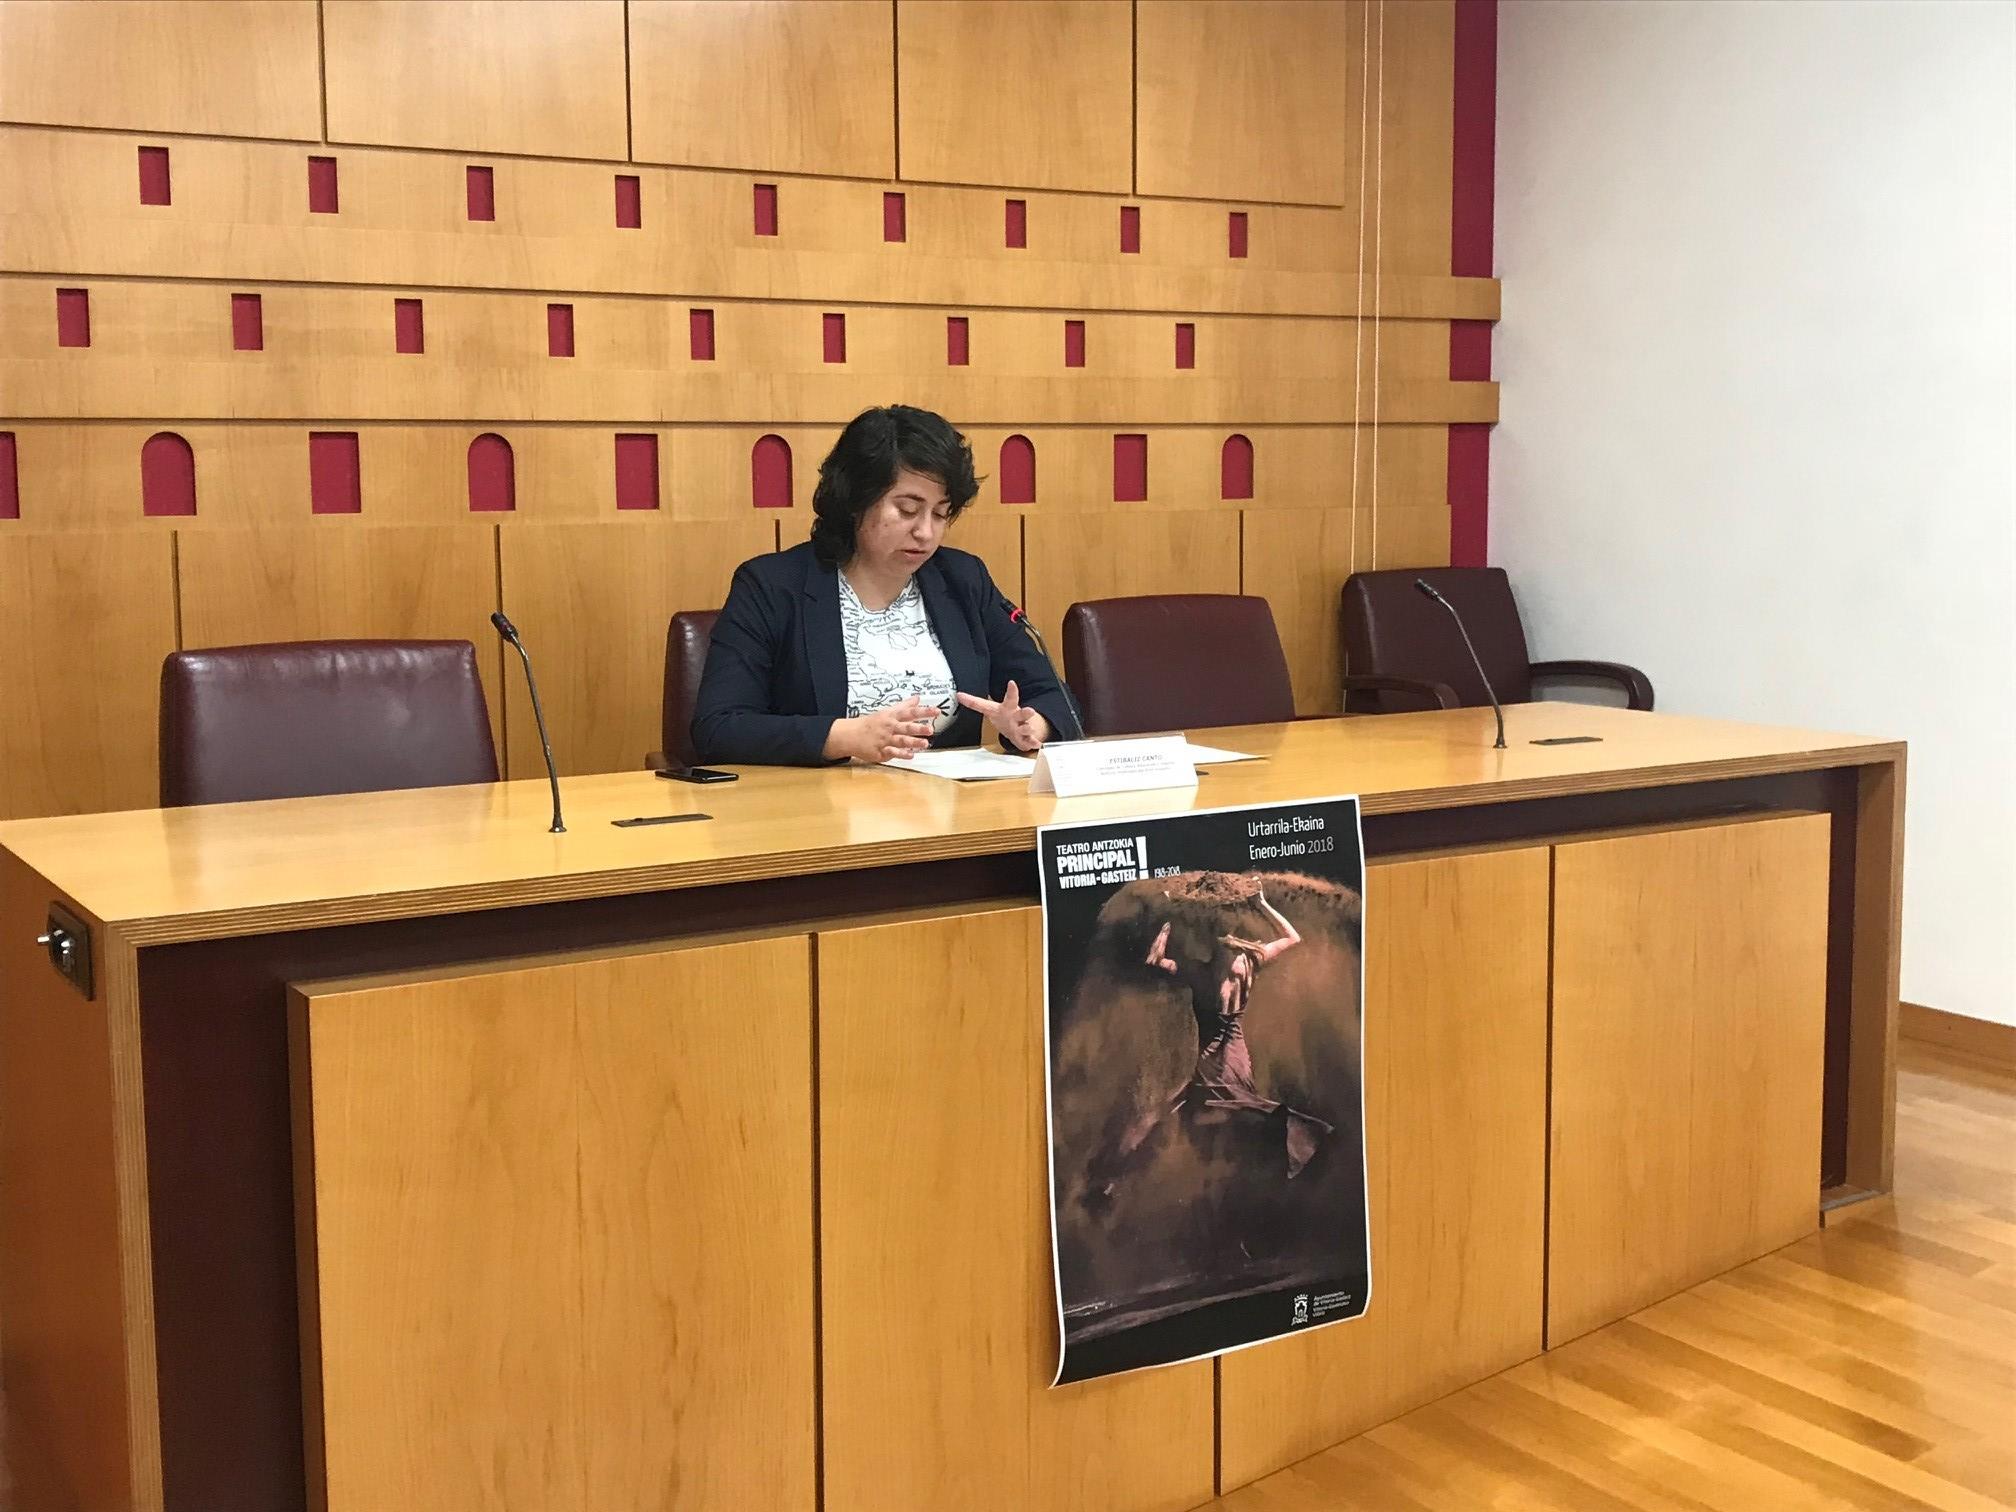 Teatro Principal Antzokia Notas De Prensa